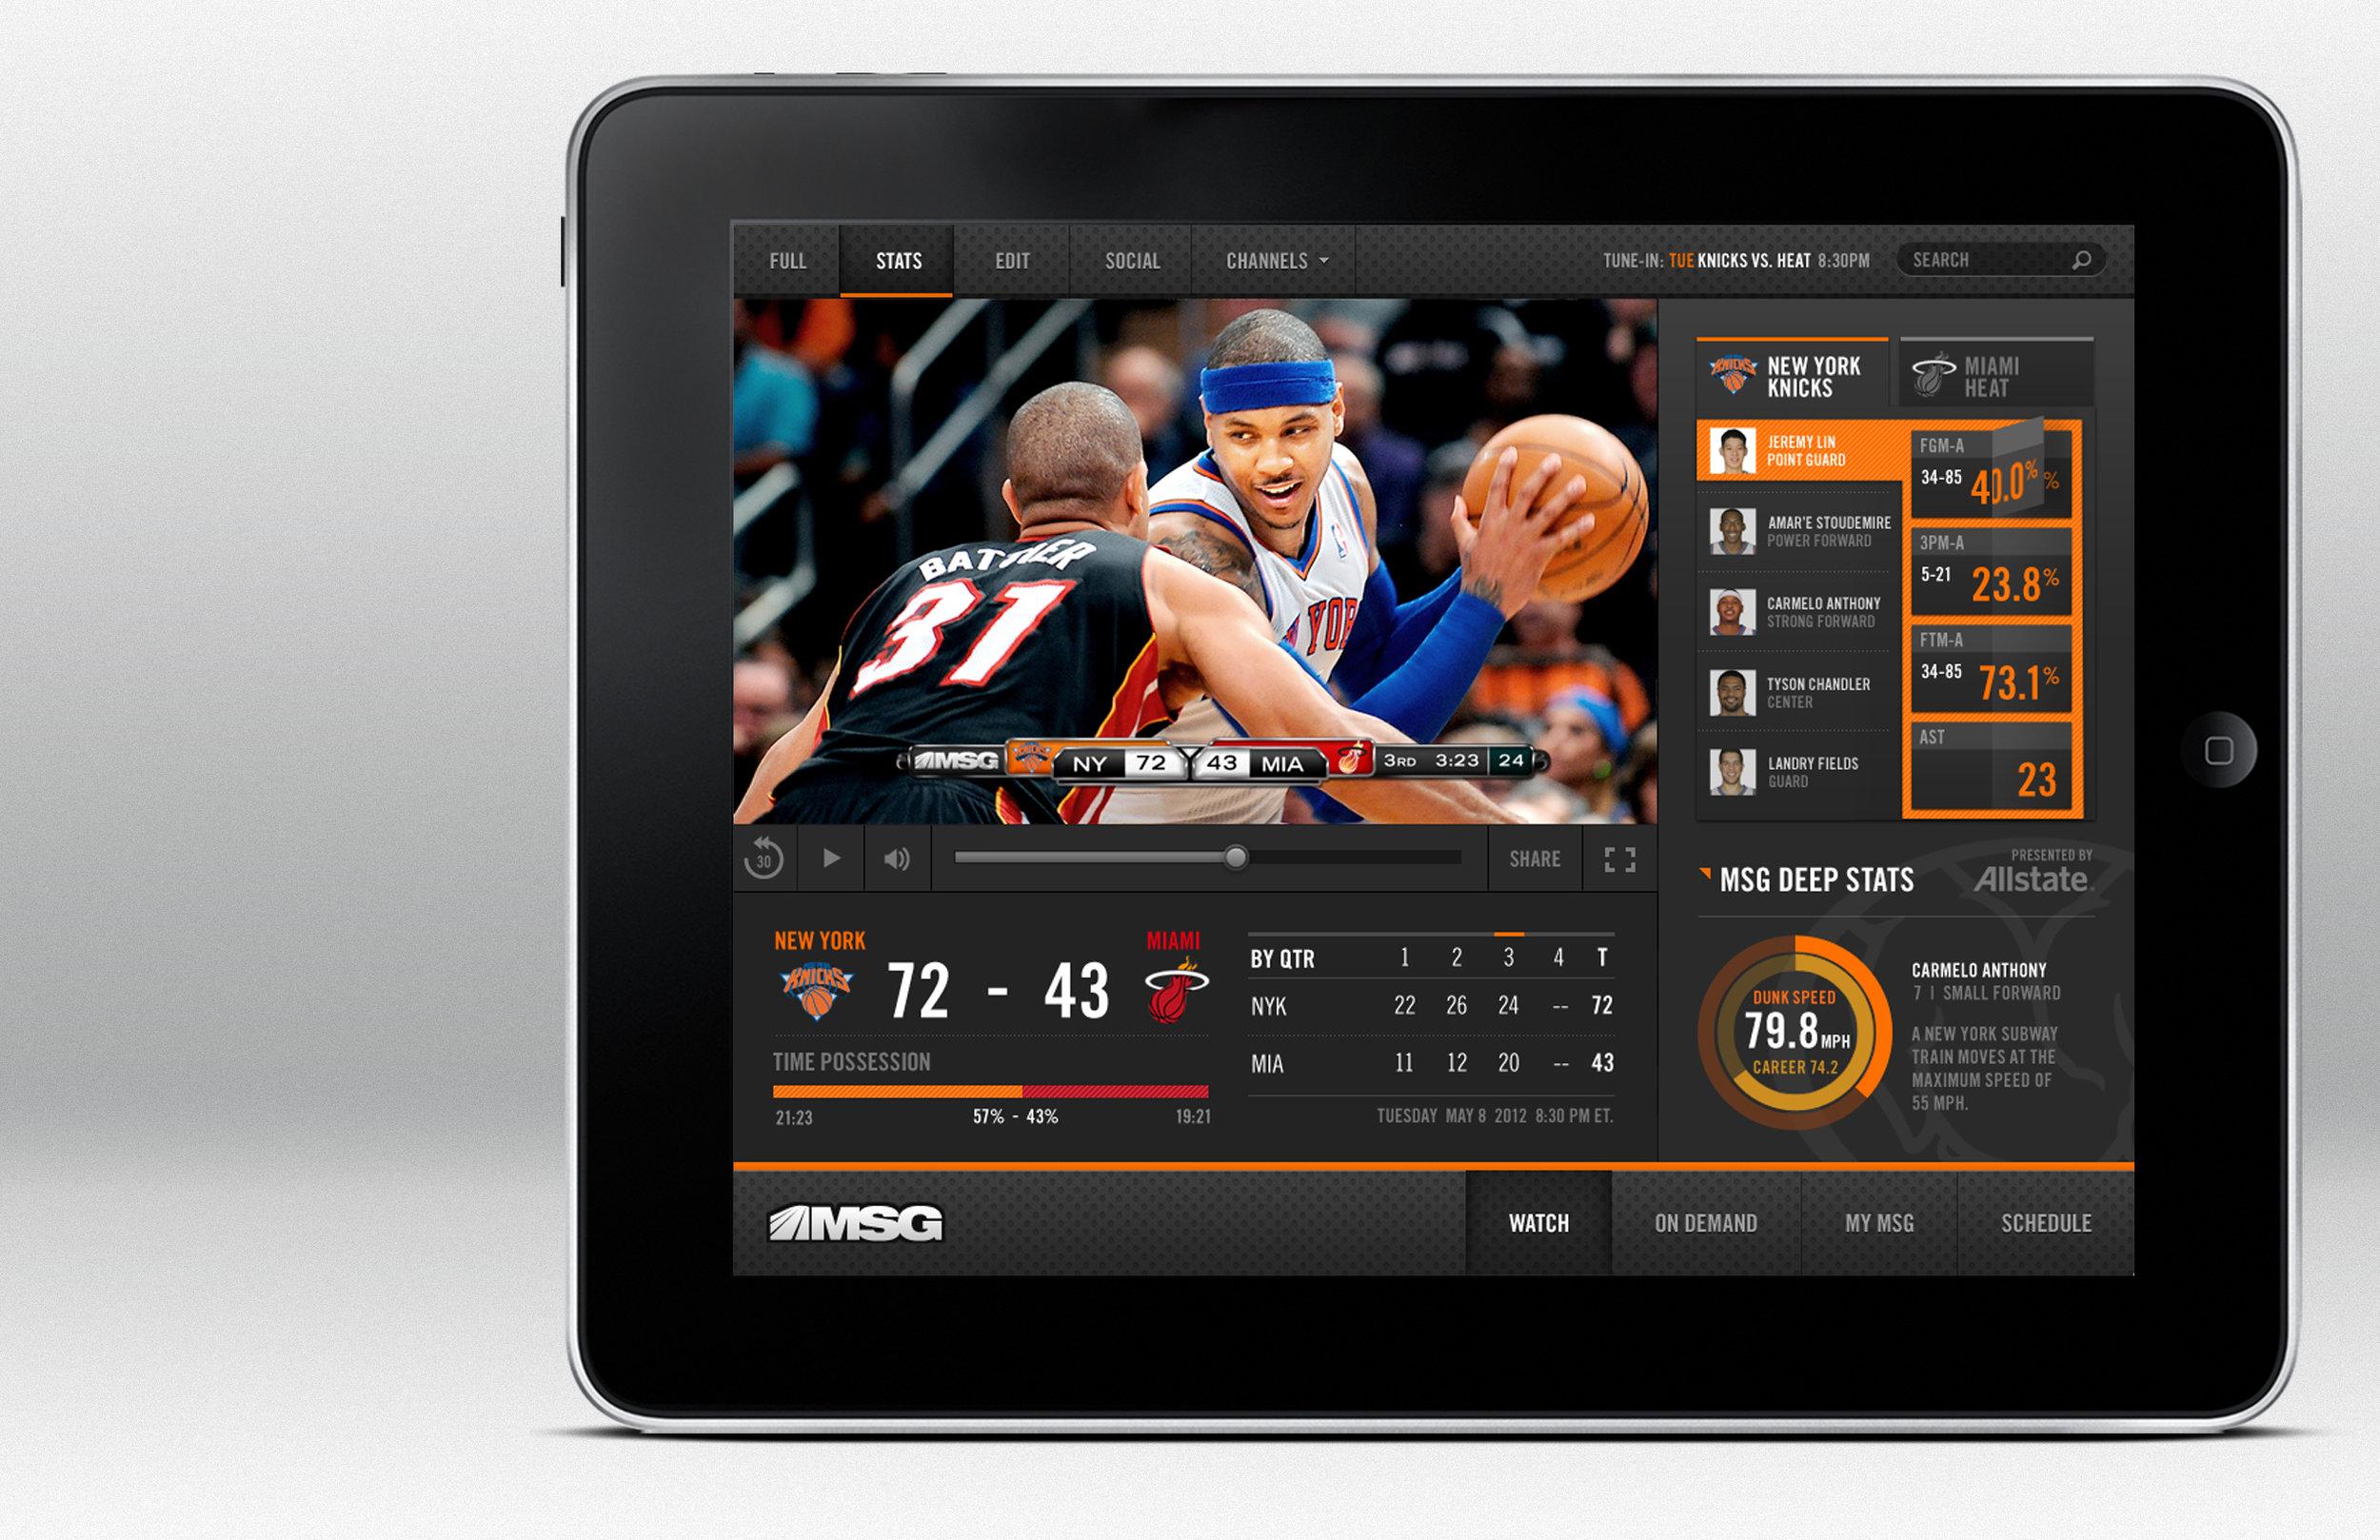 MSGGO_iPad4_watchstats.jpg